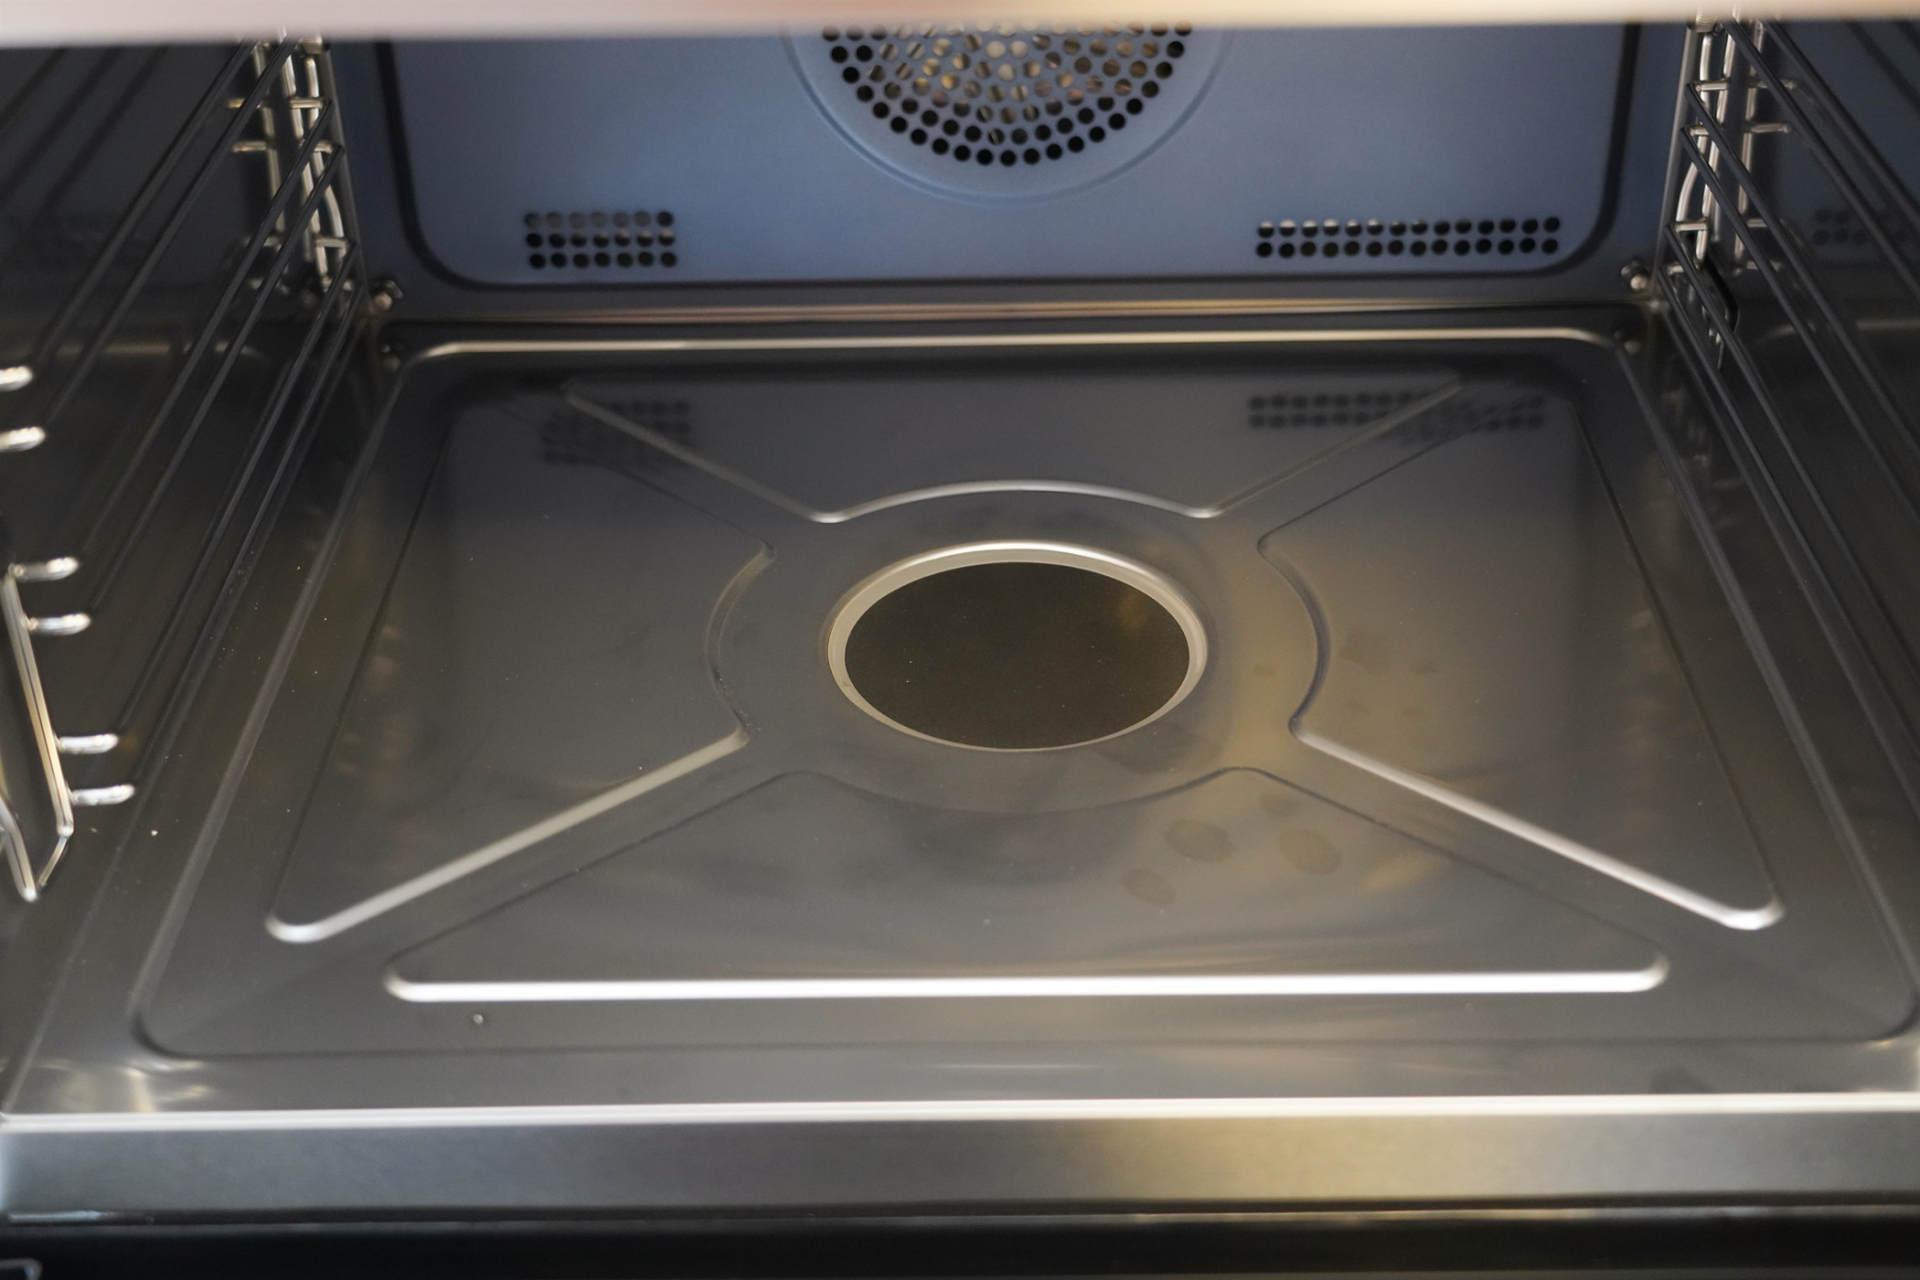 2021年嵌入式蒸烤箱如何选?对比三款市面主流蒸烤一体机给你答案